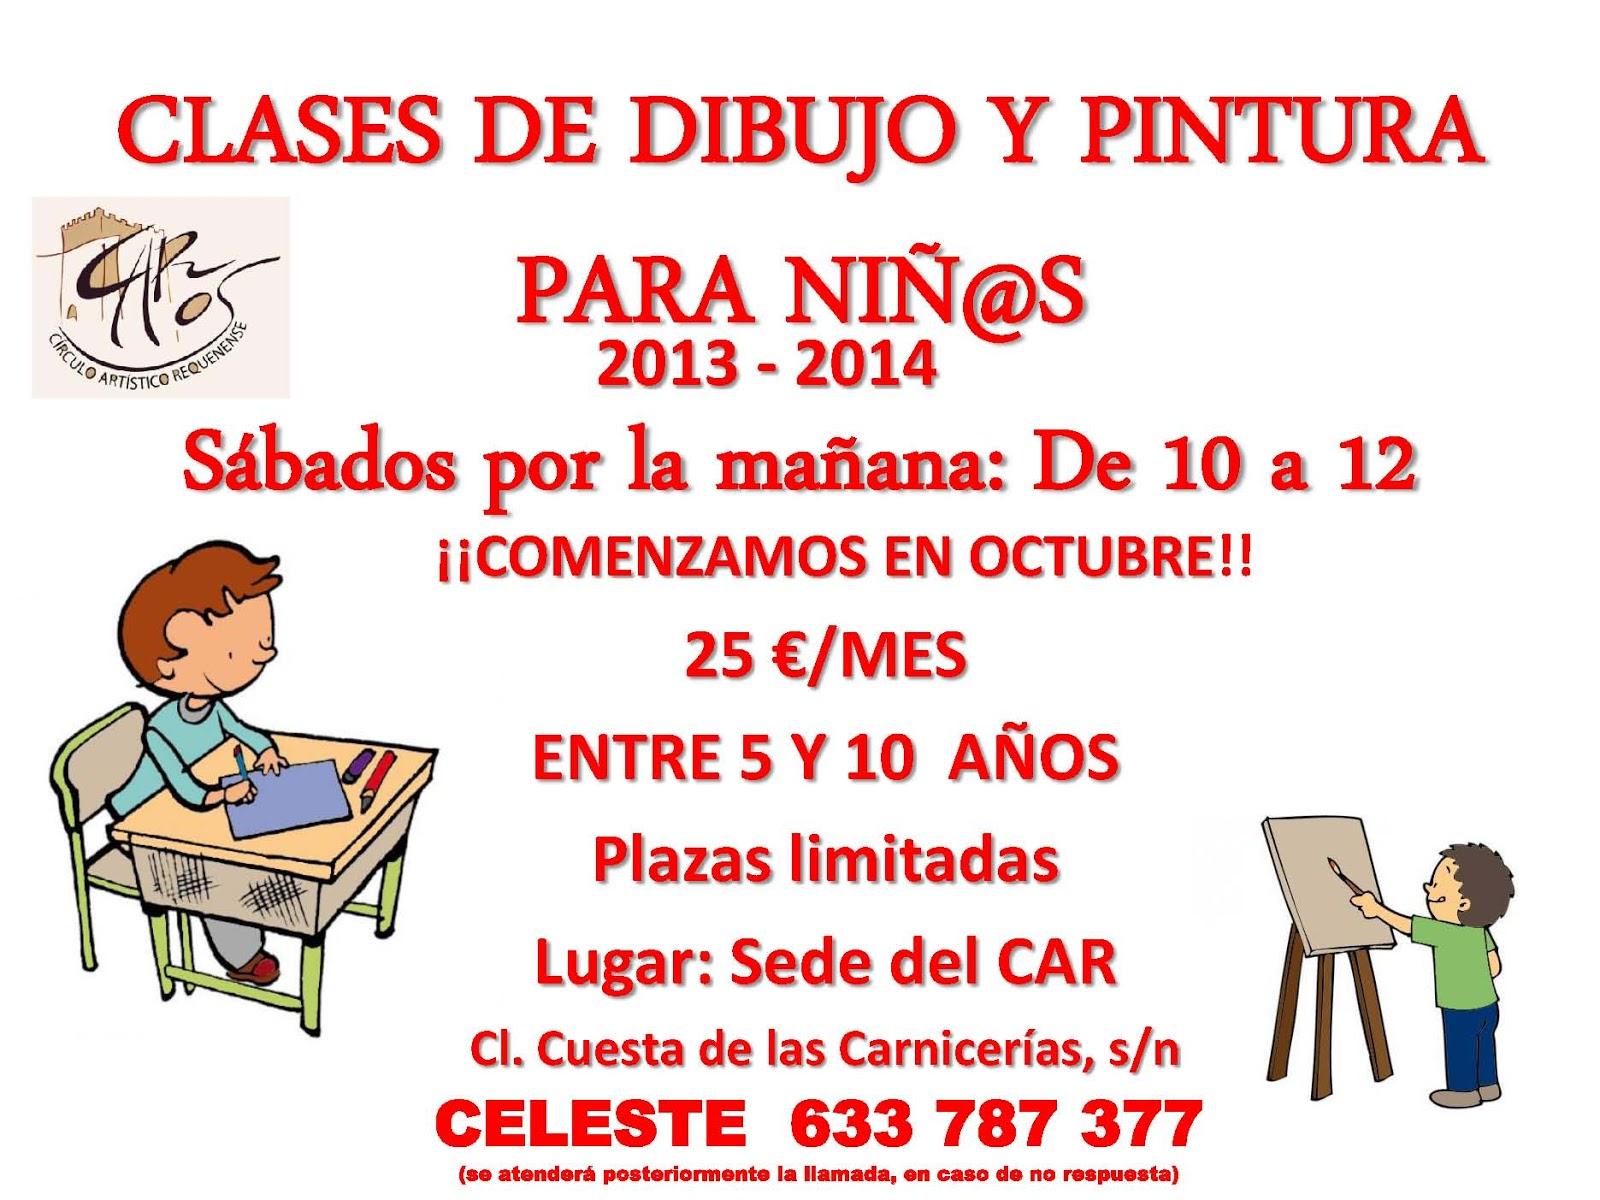 Círculo Artístico Requenense: CLASES DE DIBUJO Y PINTURA PARA NIÑOS ...